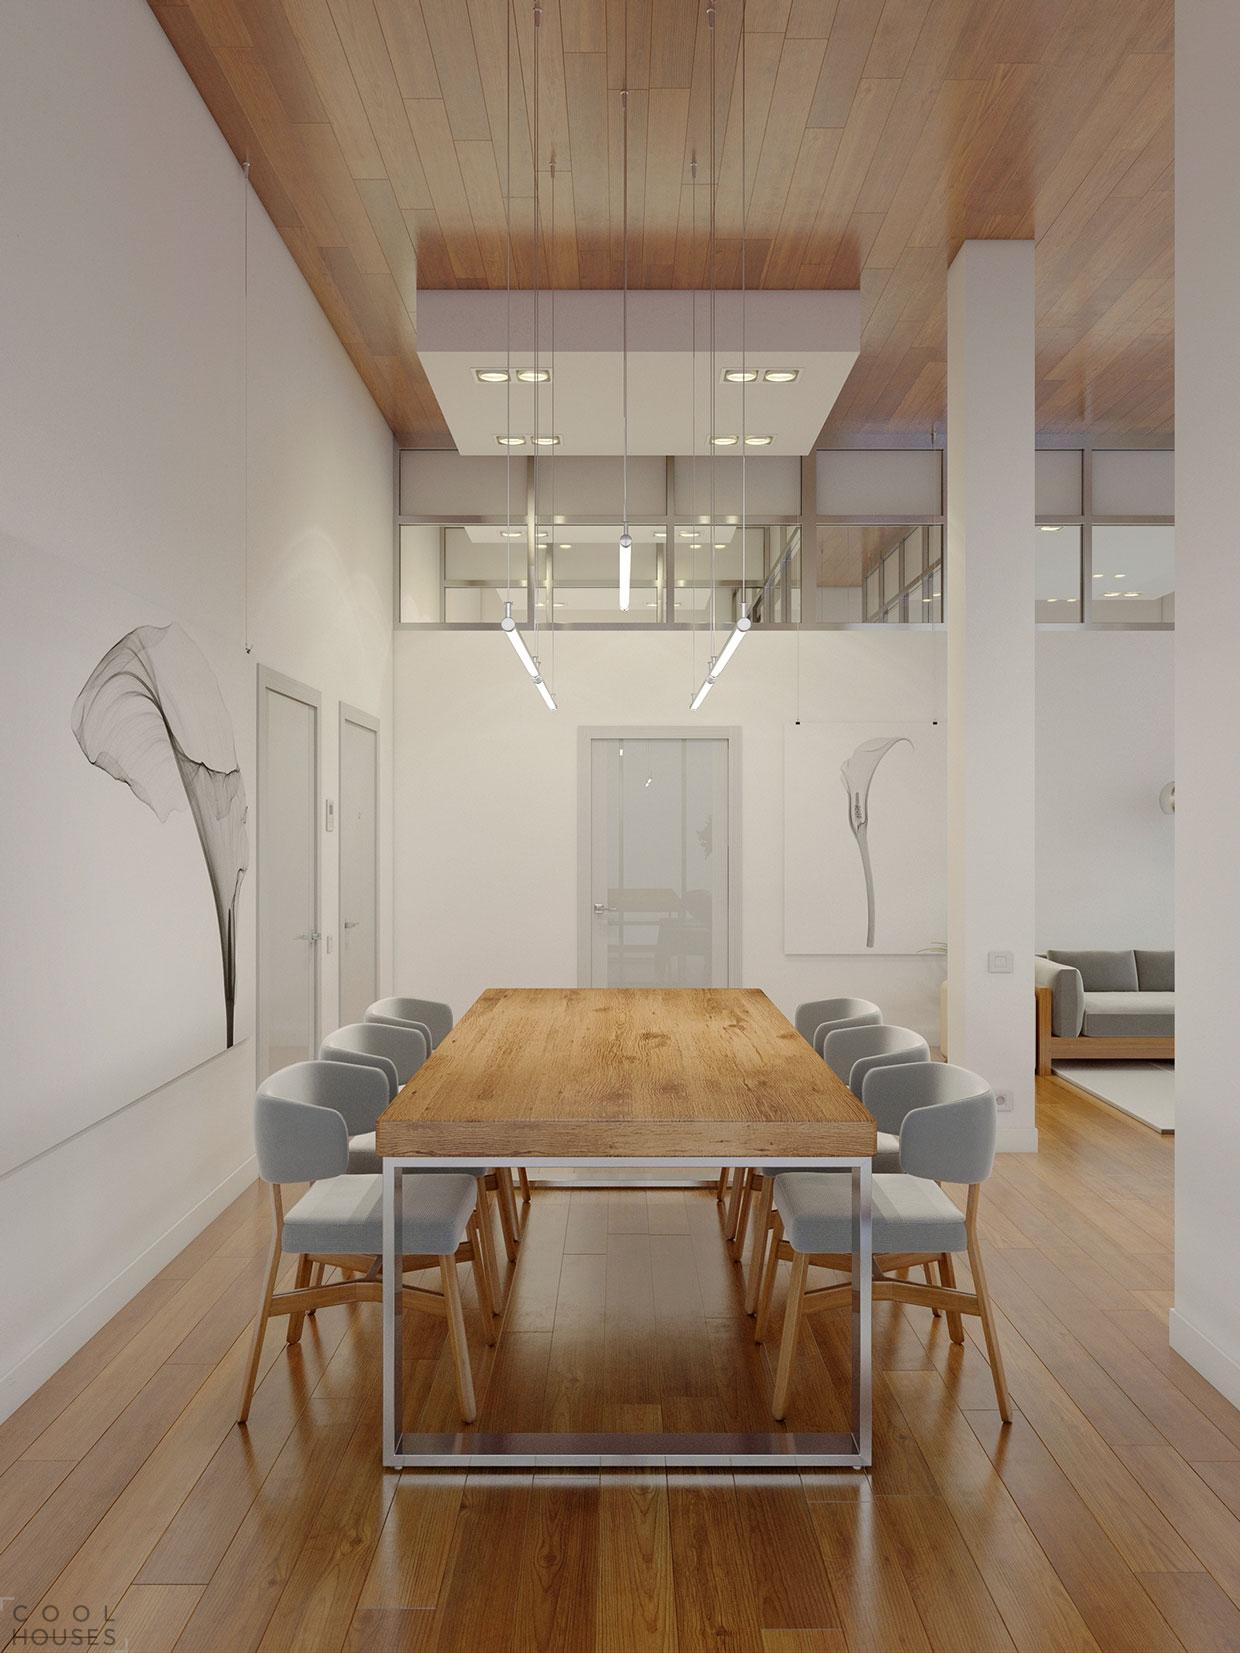 Проект дизайна квартиры-студии в стиле минимализма